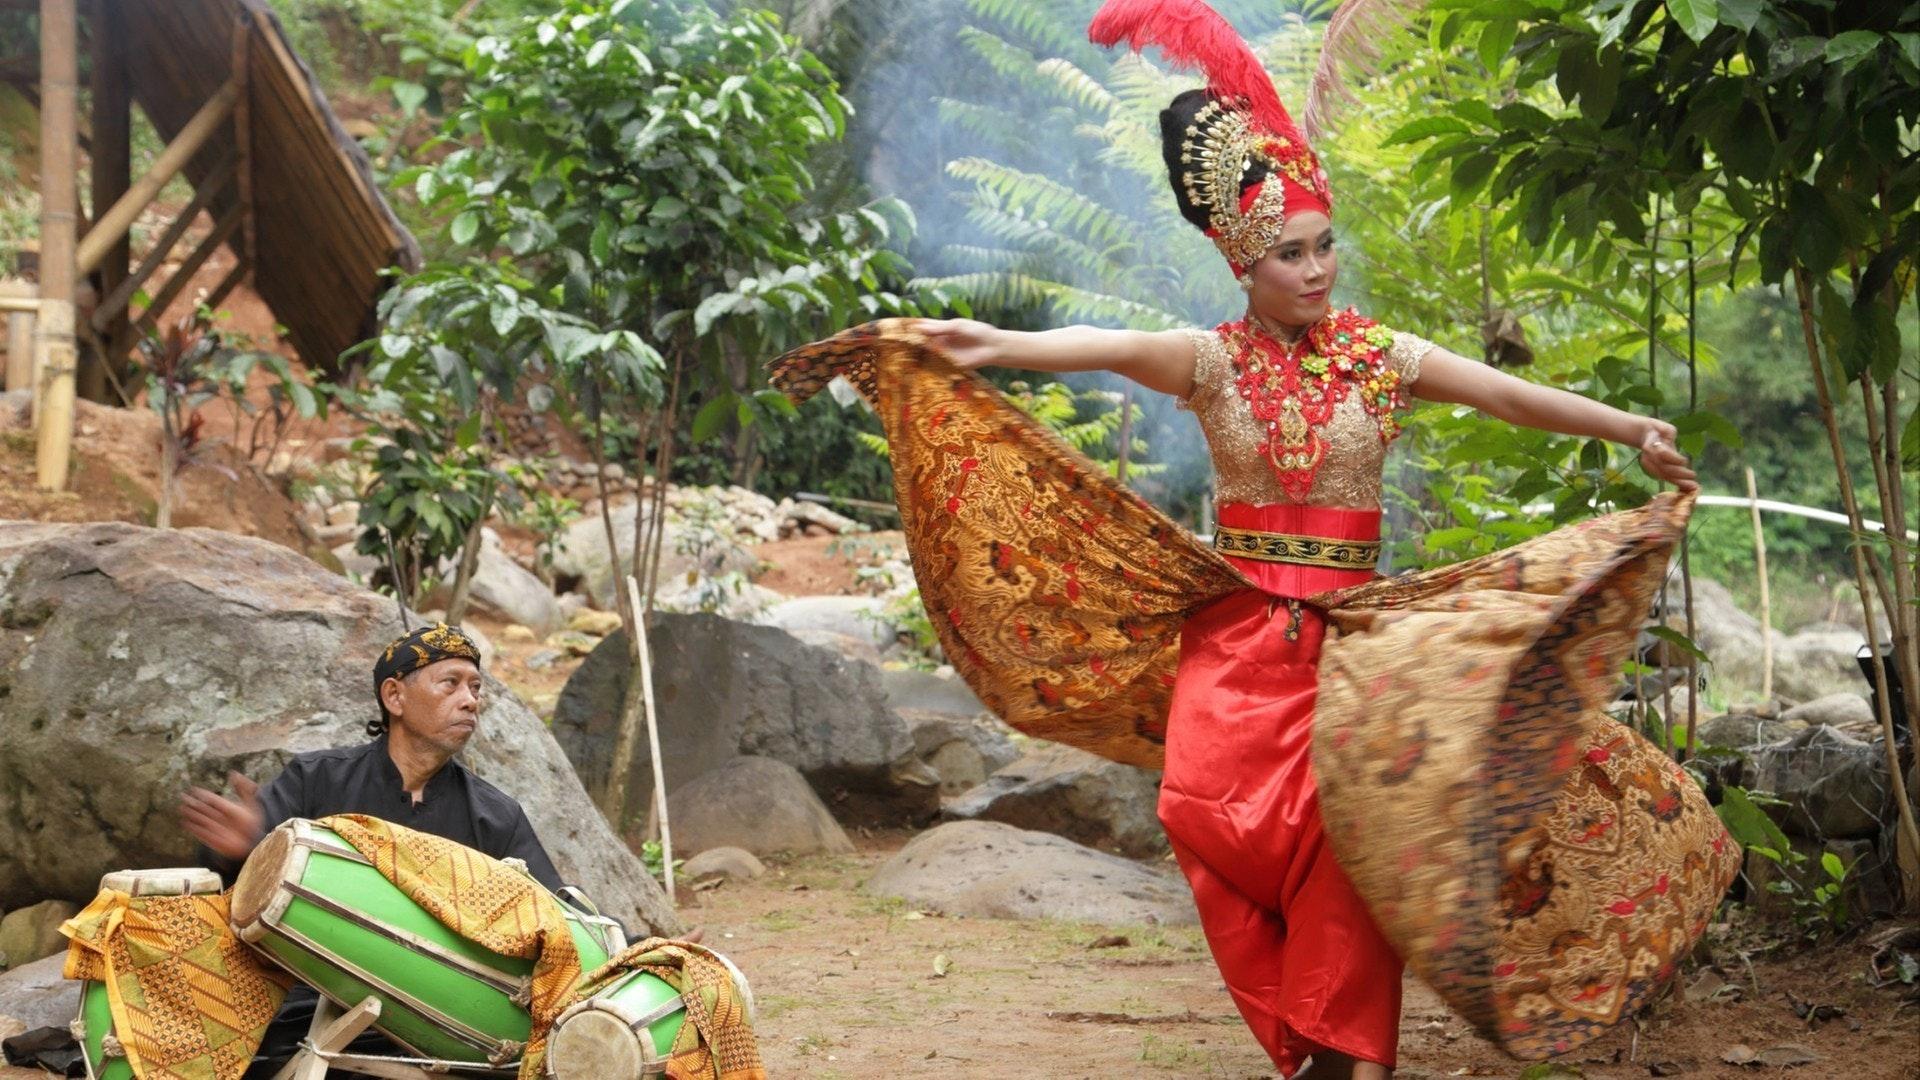 Contemporer sunda dance.